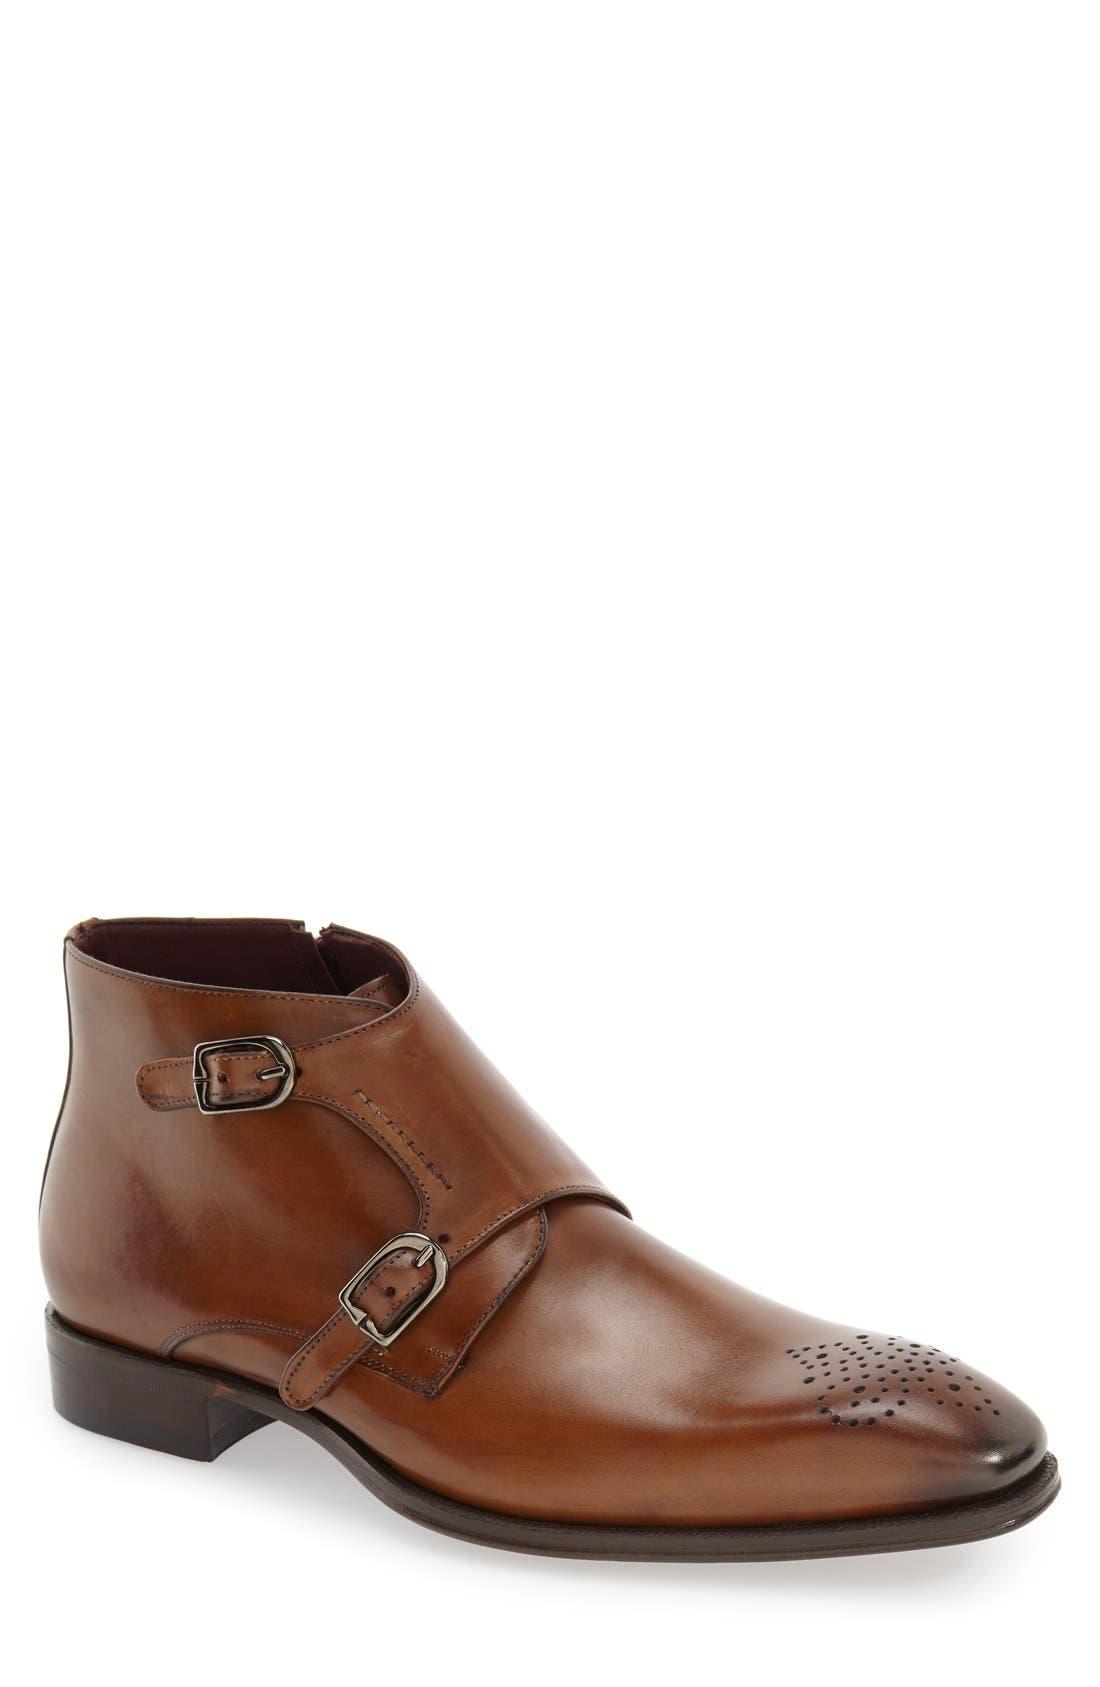 'Rocca' Midi Double Monk Strap Boot,                             Main thumbnail 1, color,                             Cognac